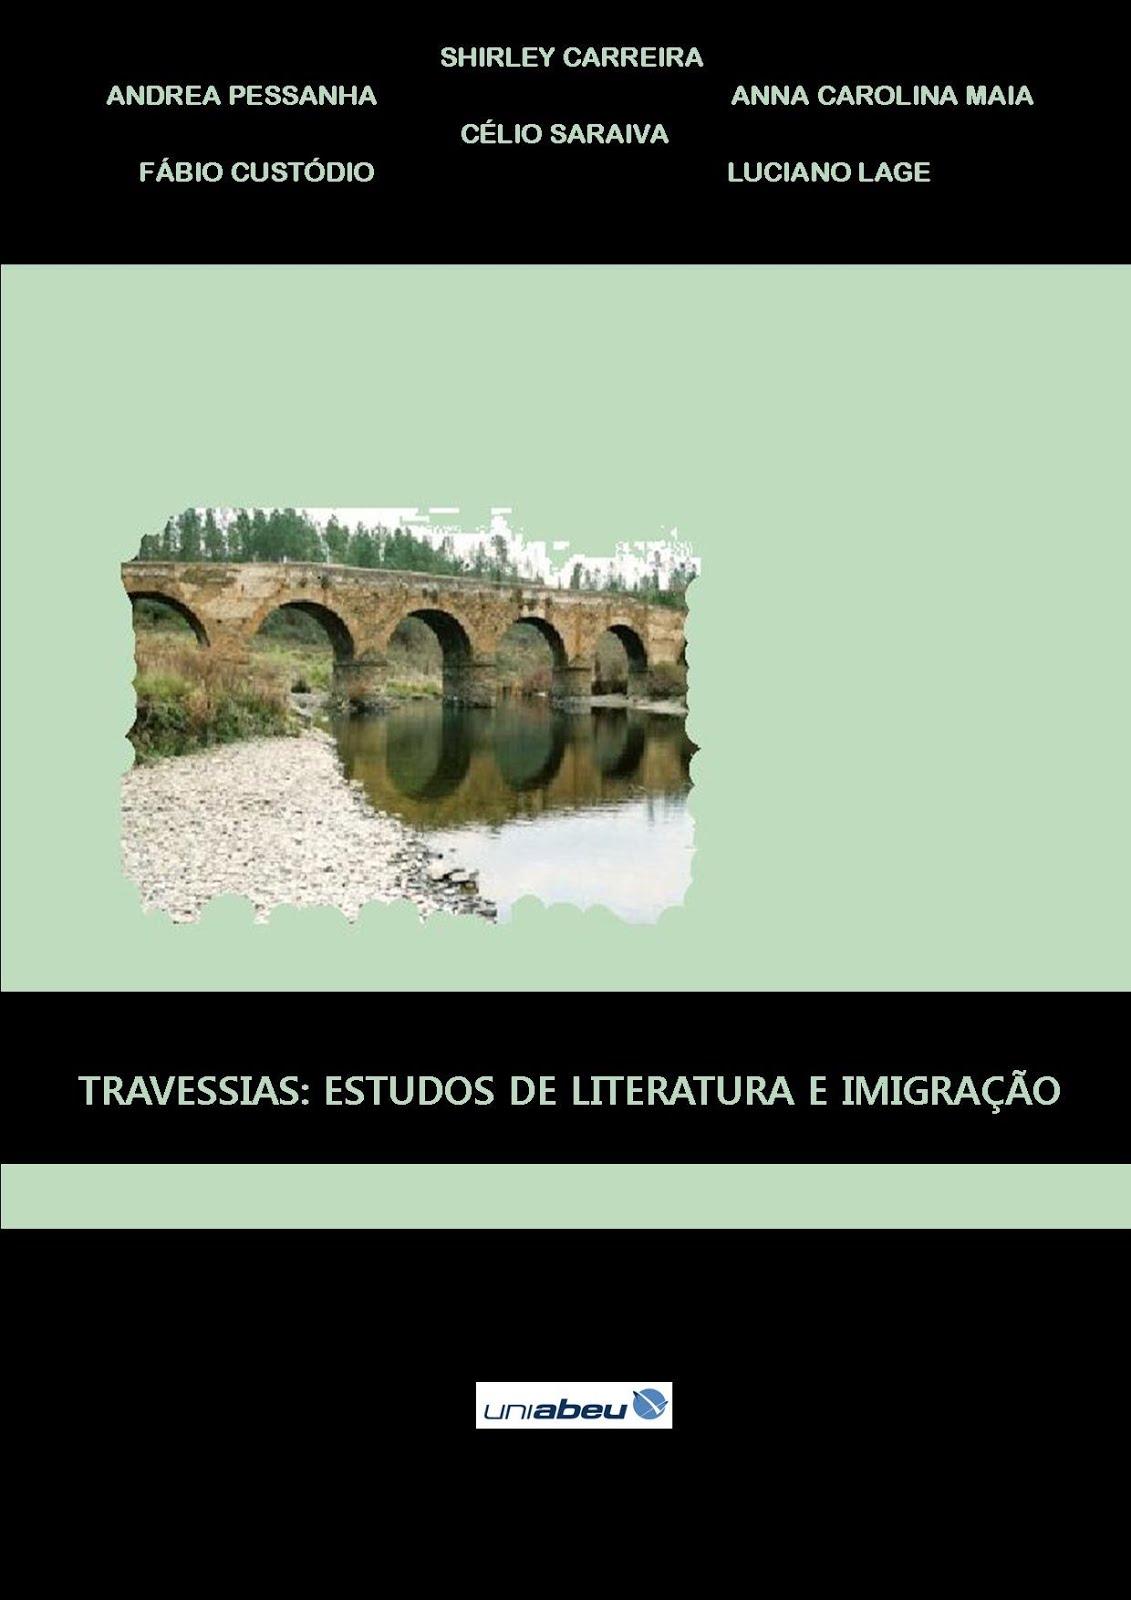 Travessias: estudos de literatura e imigração